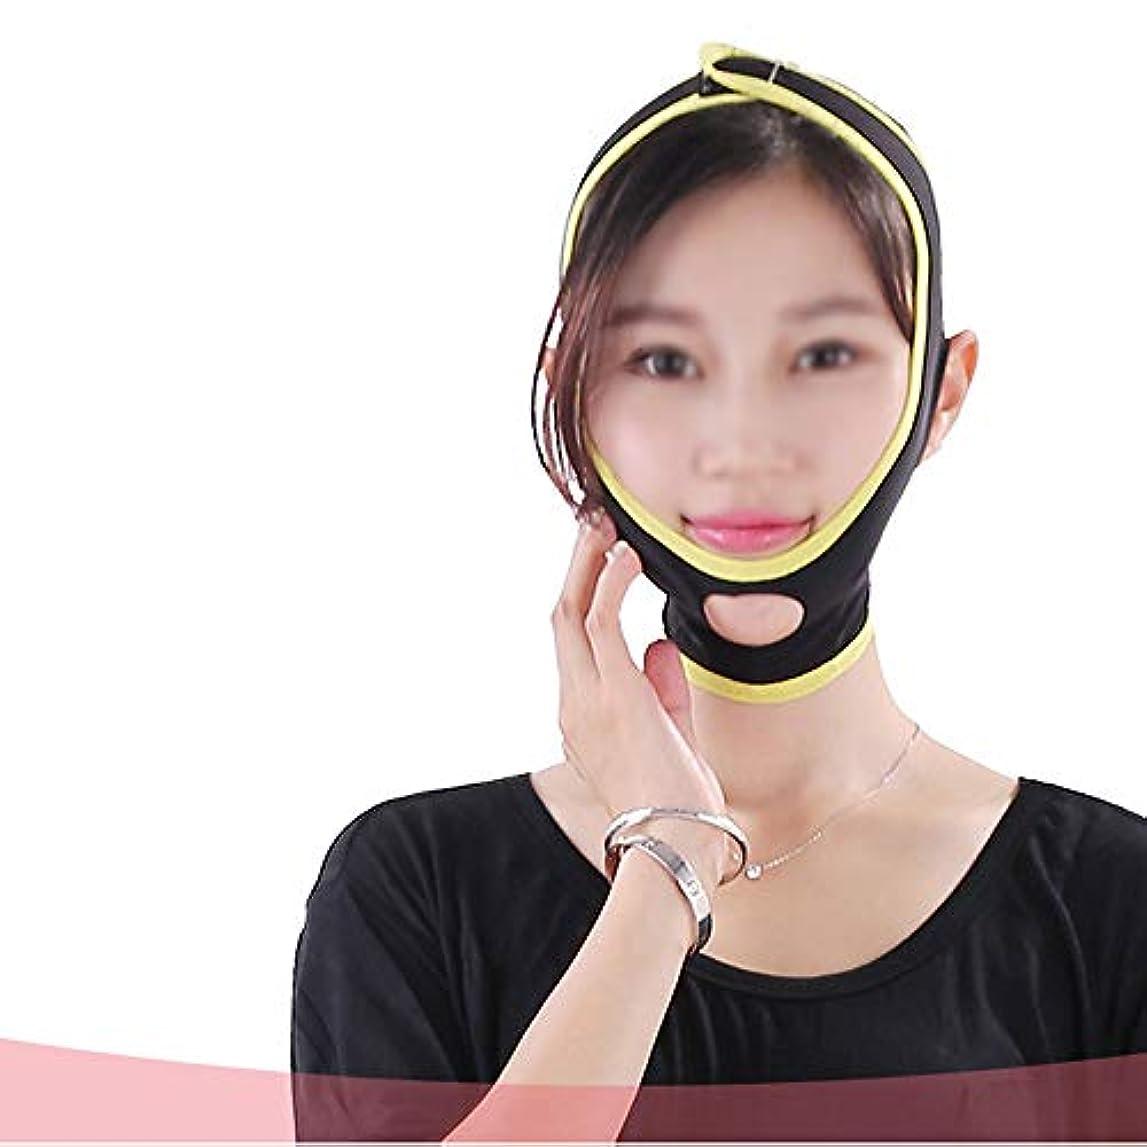 ガムディスコ生き残りTLMY 薄い顔包帯通気性睡眠小さいVフェイスマスクリフティング引き締め肌アーティファクトは二重あご顔の減量包帯を減らす 顔用整形マスク (Size : L)